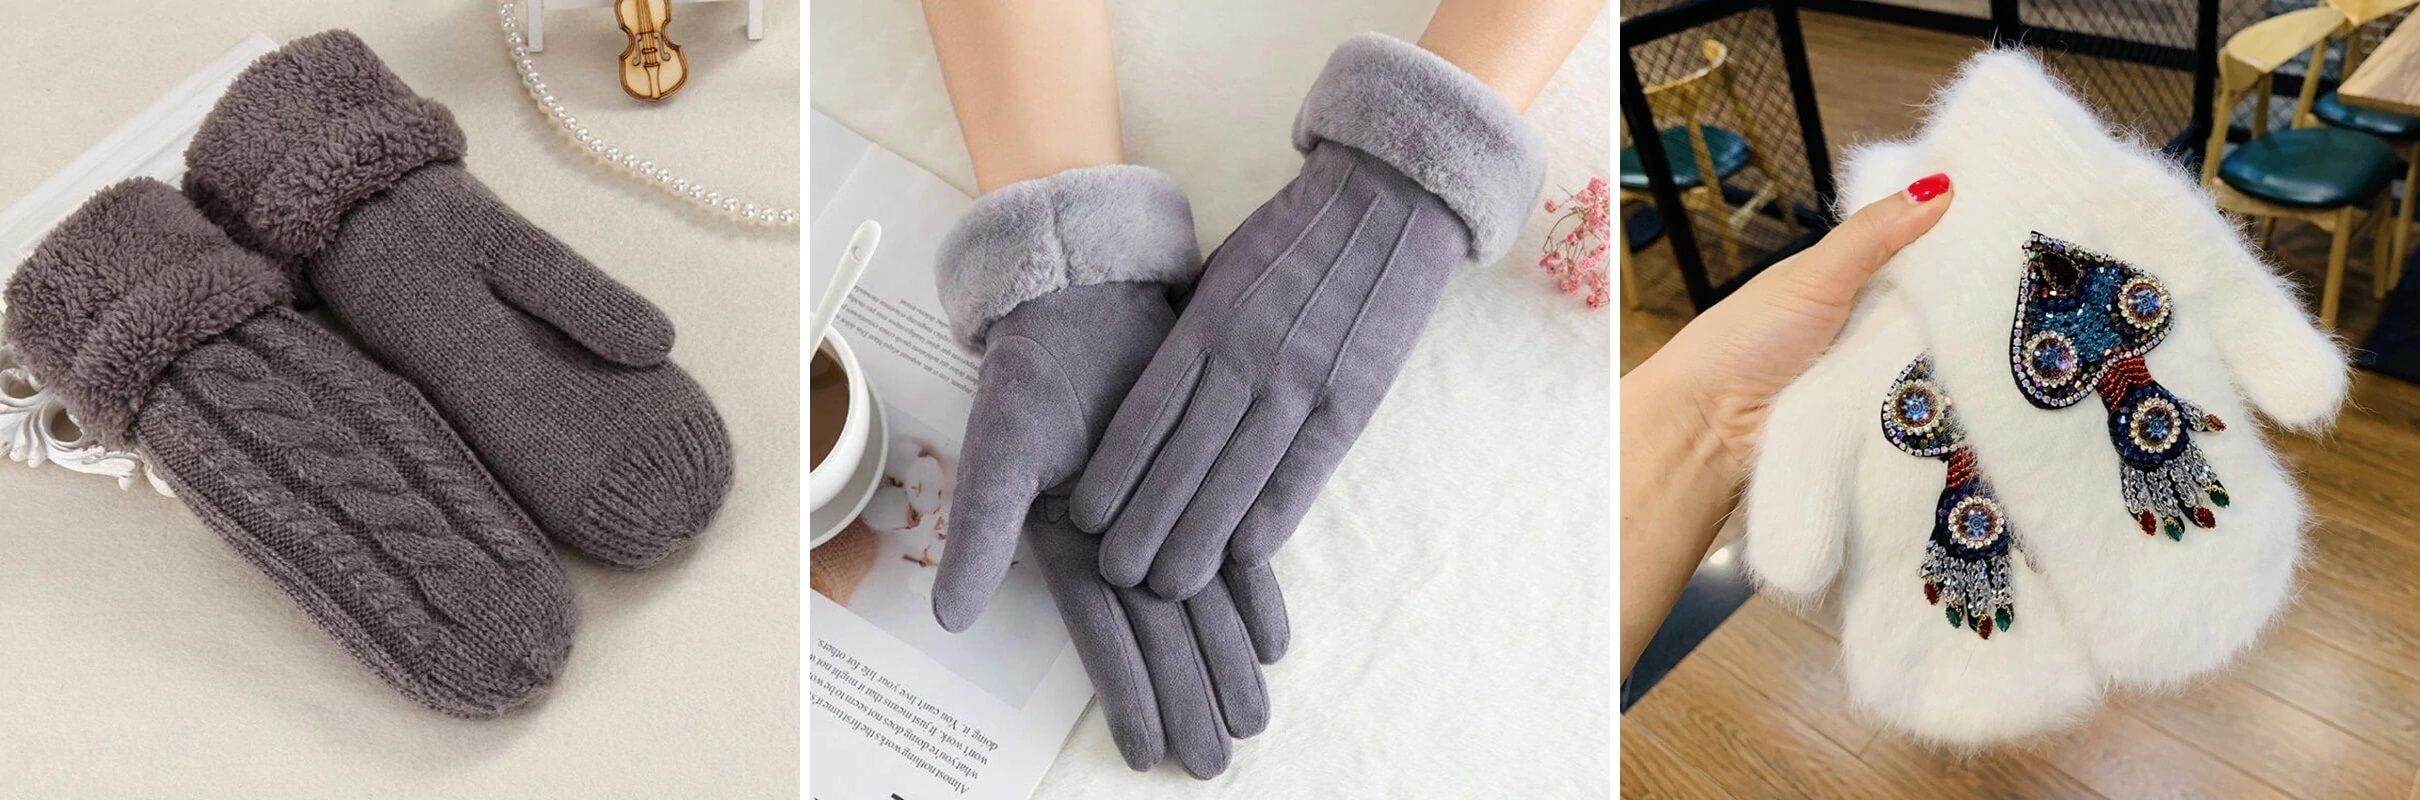 ТОП-10 женских варежек и перчаток с Алиэкспресс